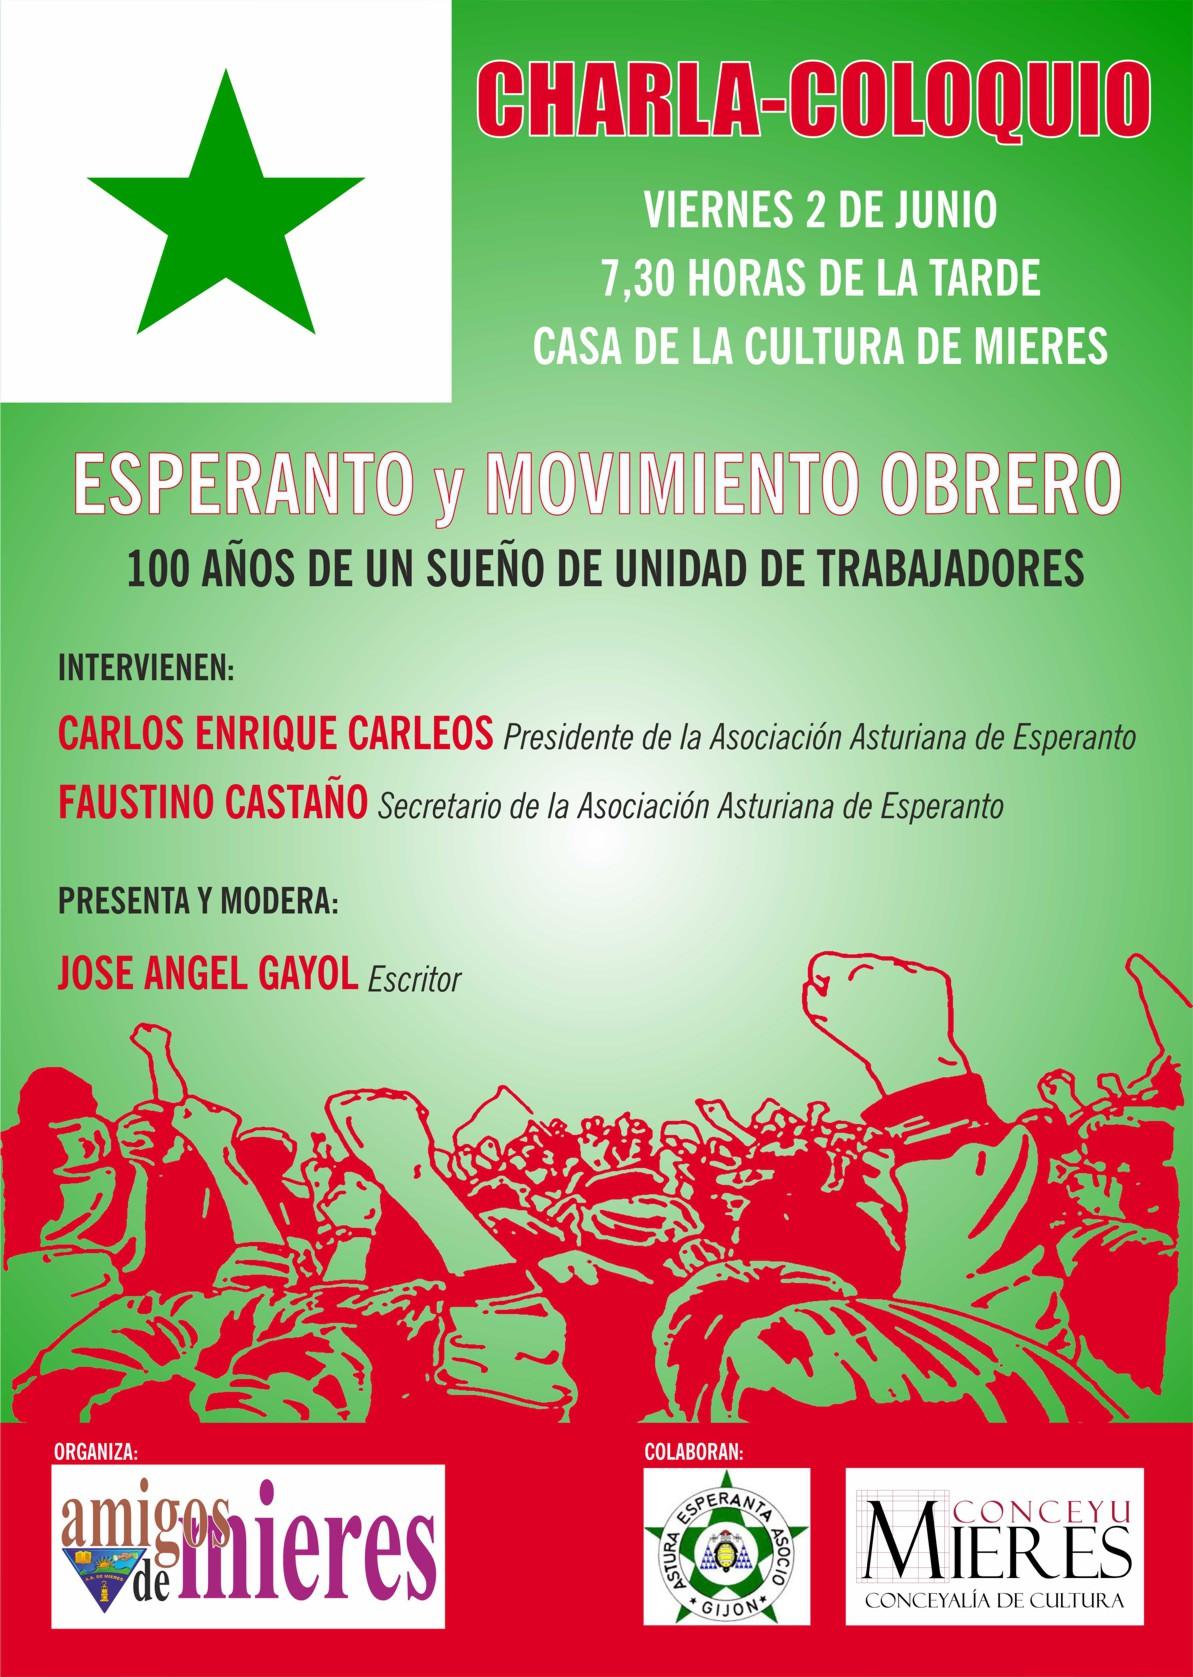 CARTEL web esperanto movimiento obrerojpg